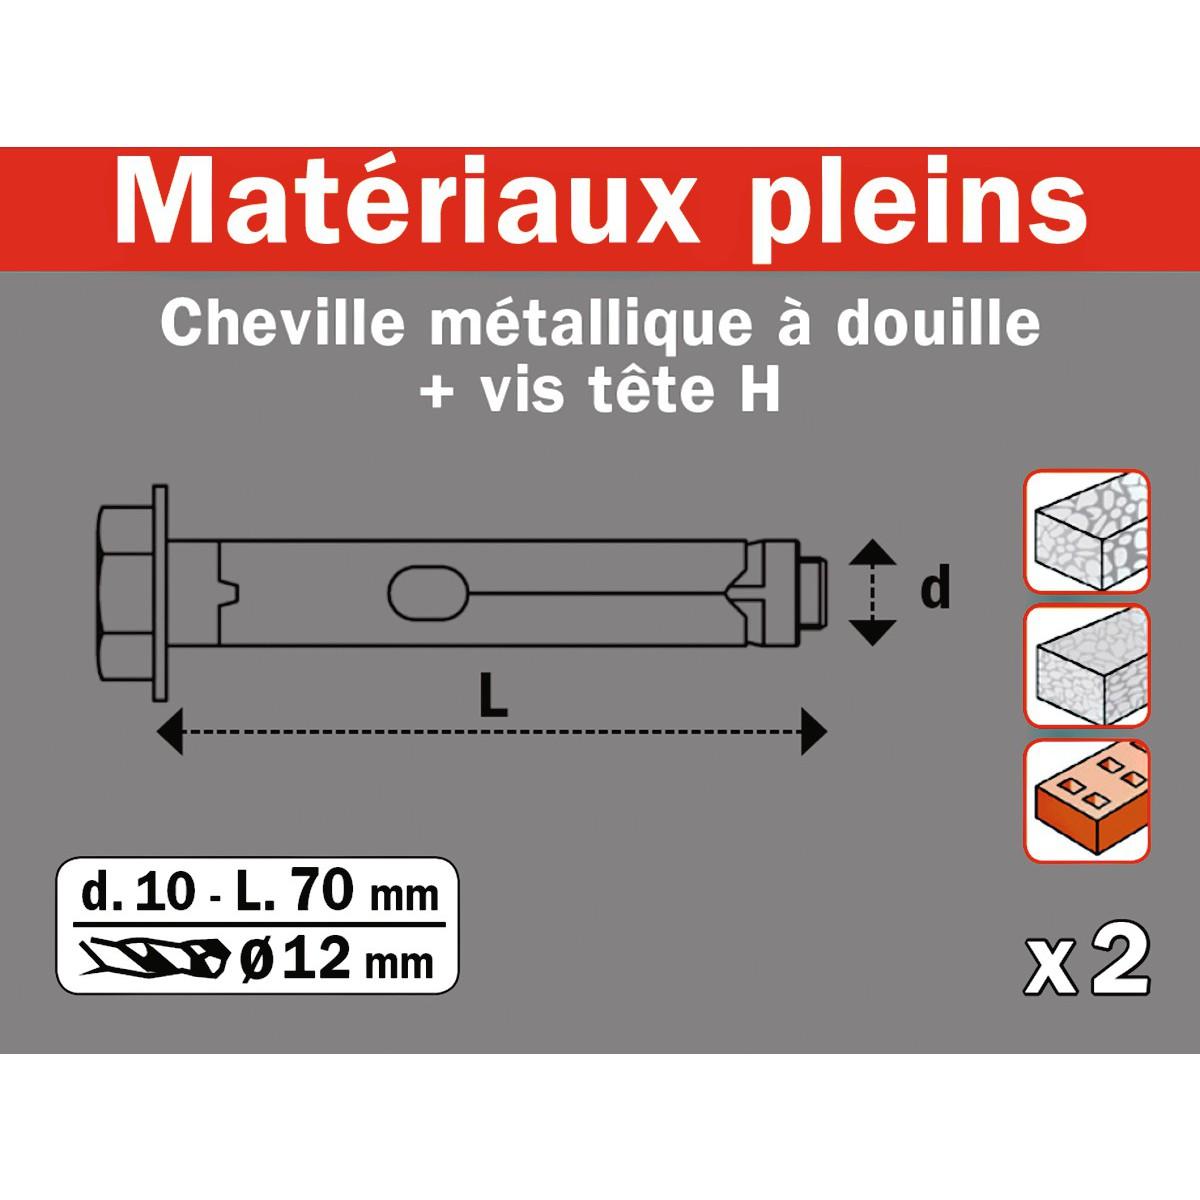 Cheville métallique à douille Fix'Pro - Diamètre 12 mm - Charge utile 514 kg - Vendu par 2